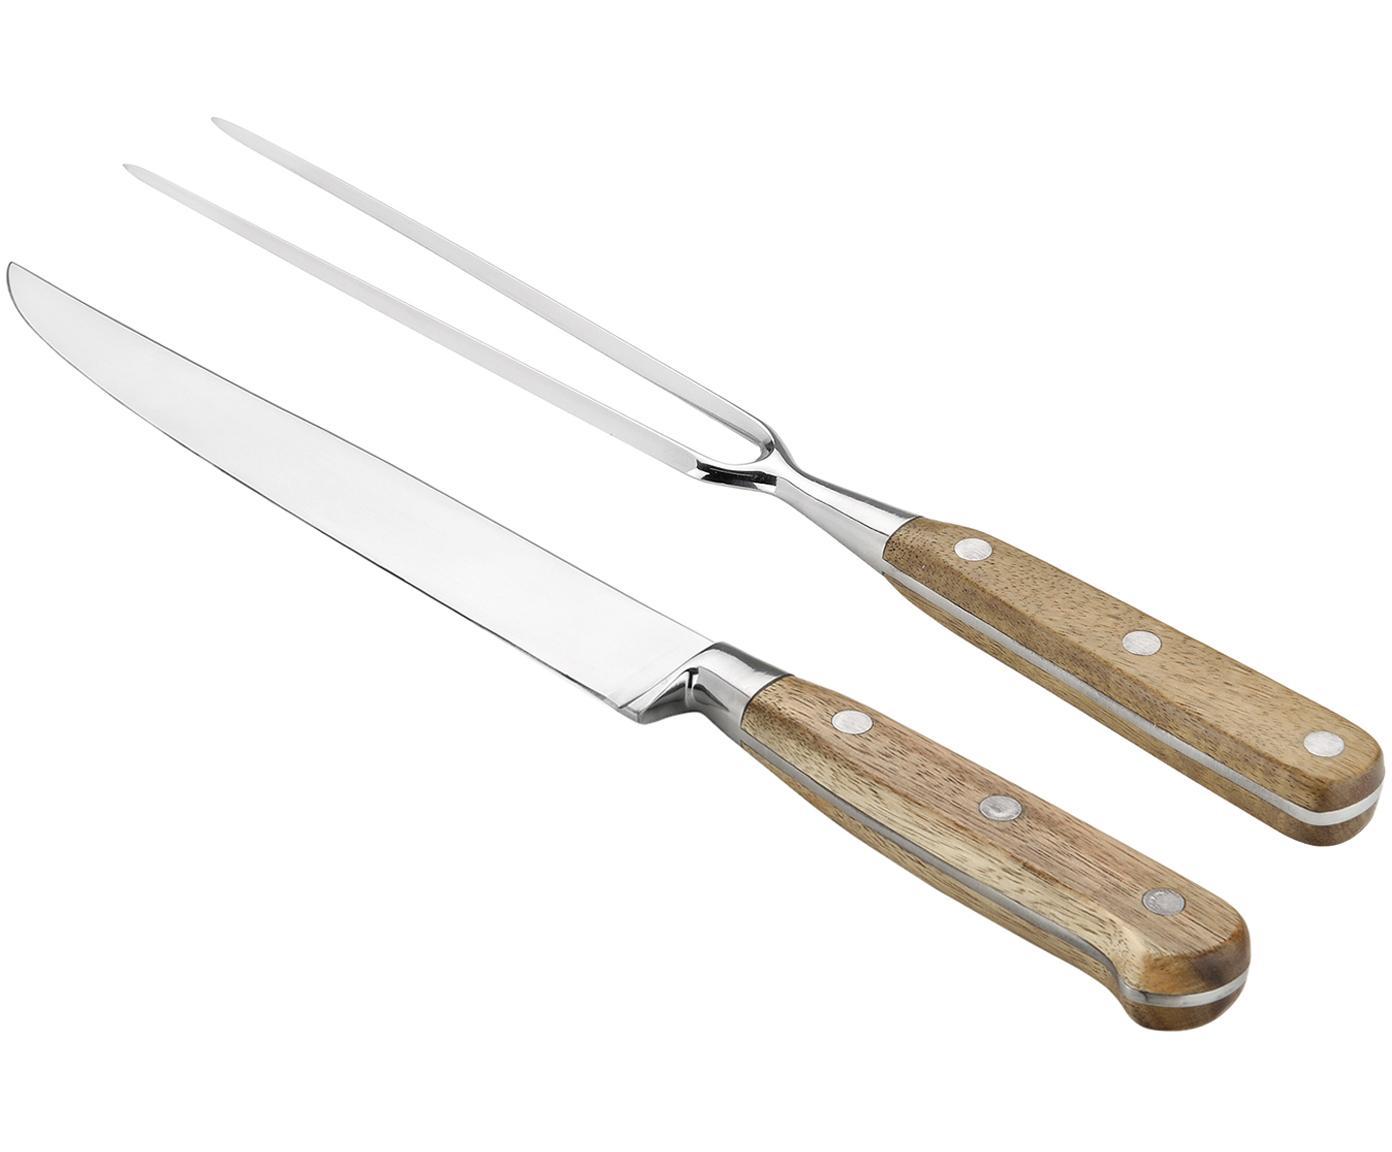 Coltelli da arrosto in acciaio inossidabile Var 2 pz, Legno di acacia, acciaio inossidabile, Diverse dimensioni